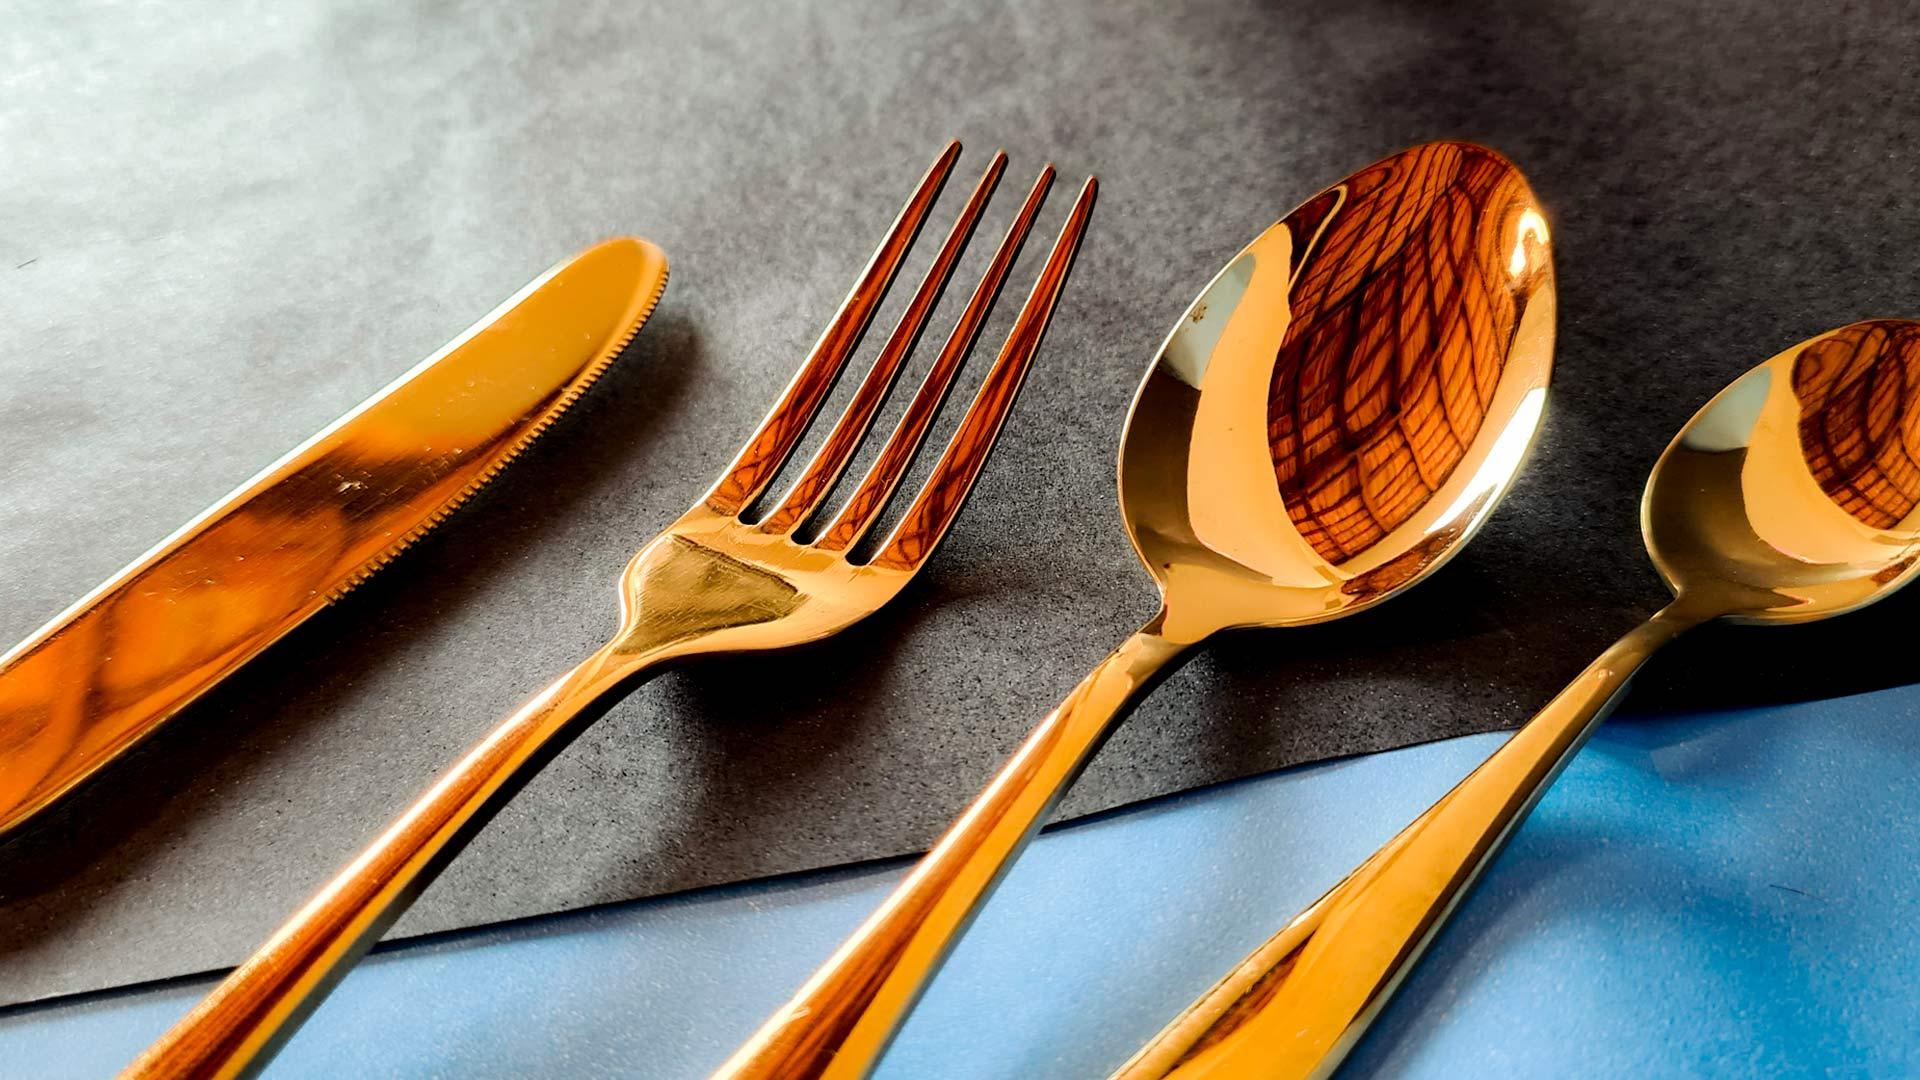 Talheres de Inox Brilhante Dourado - 16 peças